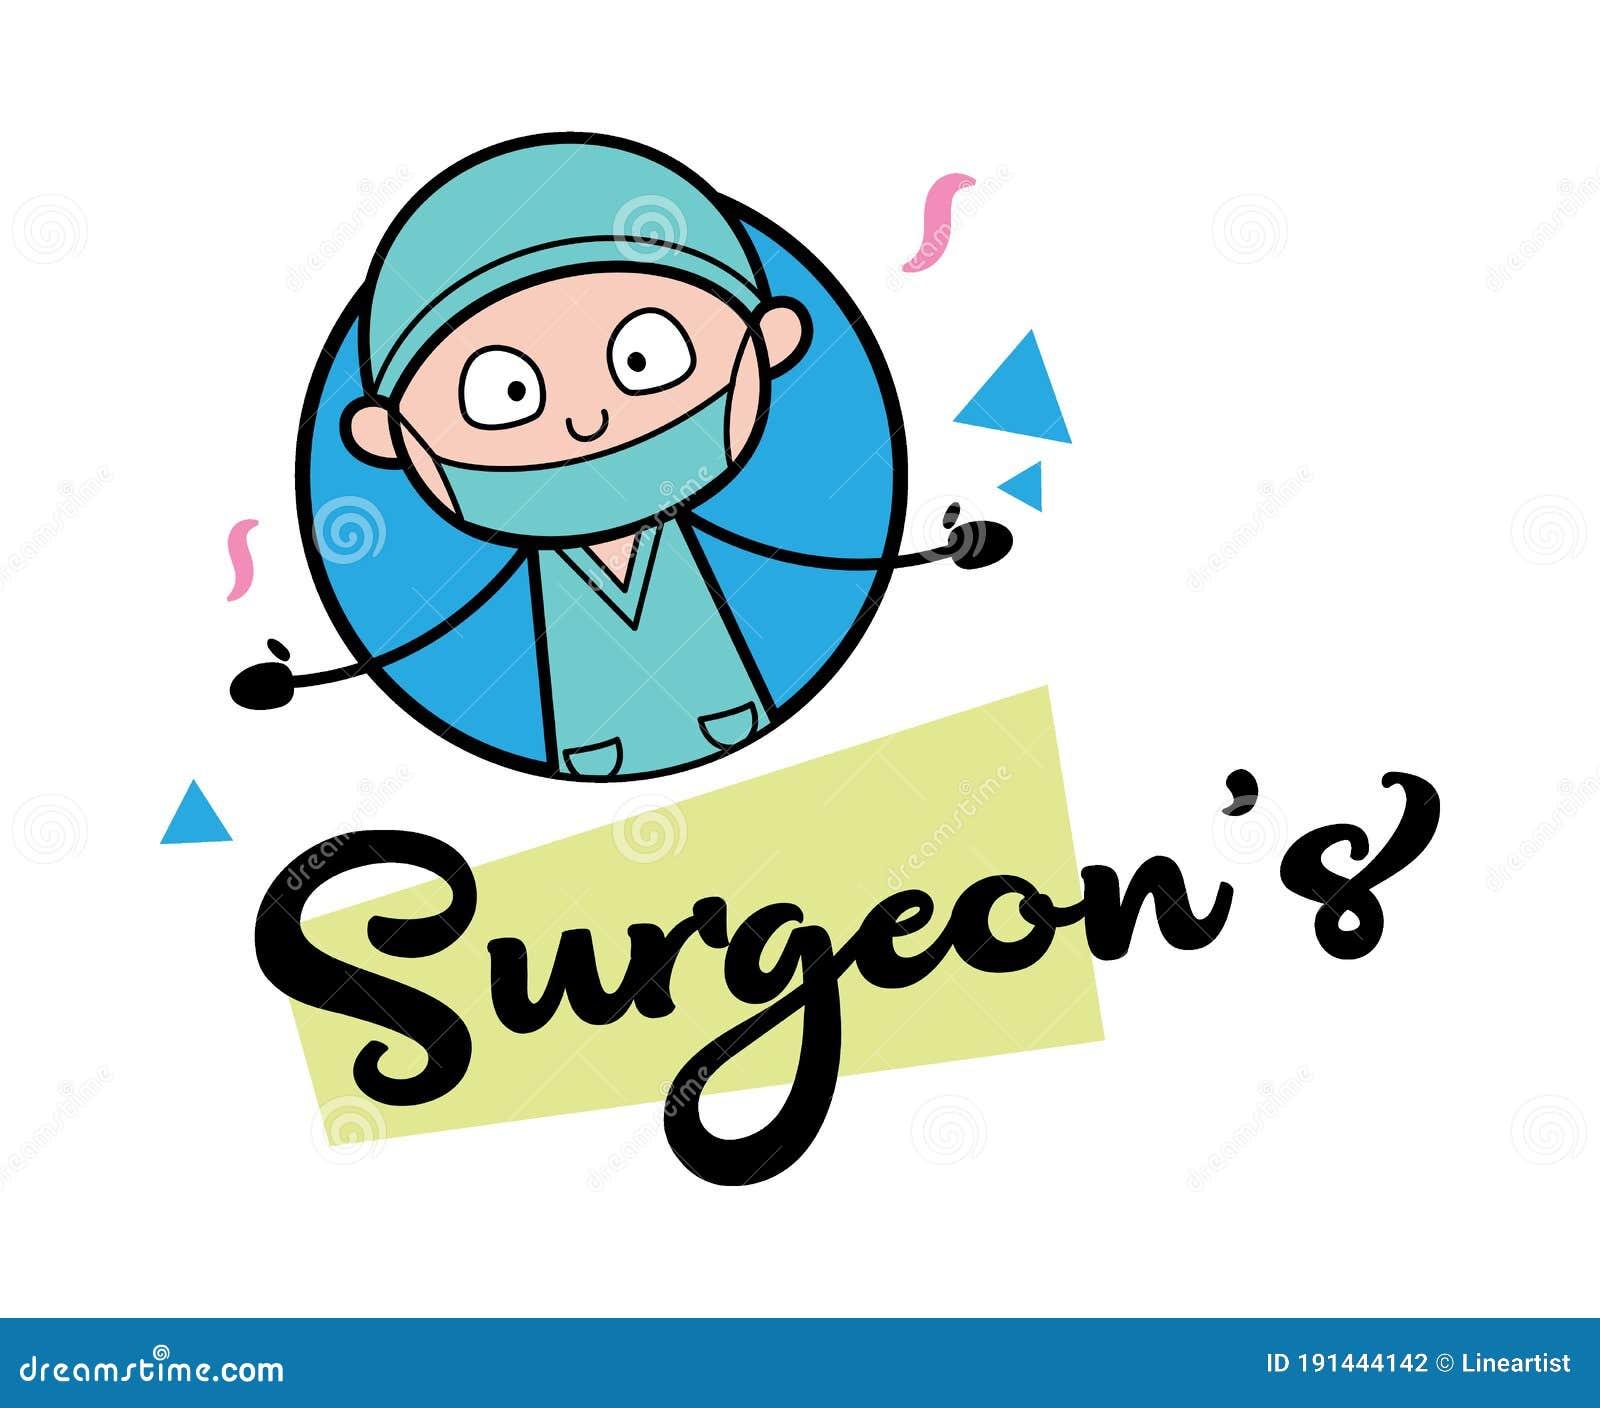 Surgeon Logo Stock Illustrations 5 509 Surgeon Logo Stock Illustrations Vectors Clipart Dreamstime